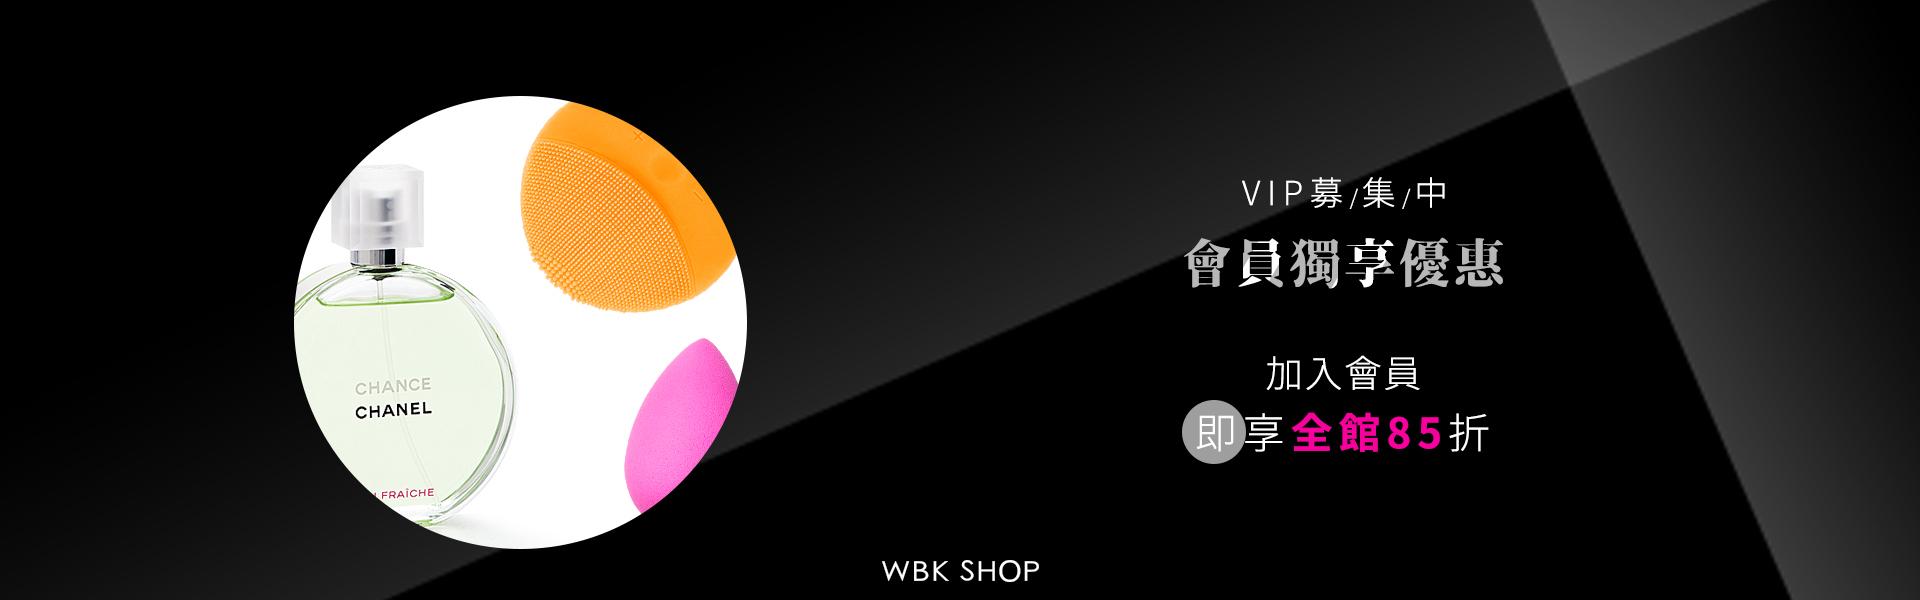 wbk shop會員獨享85折